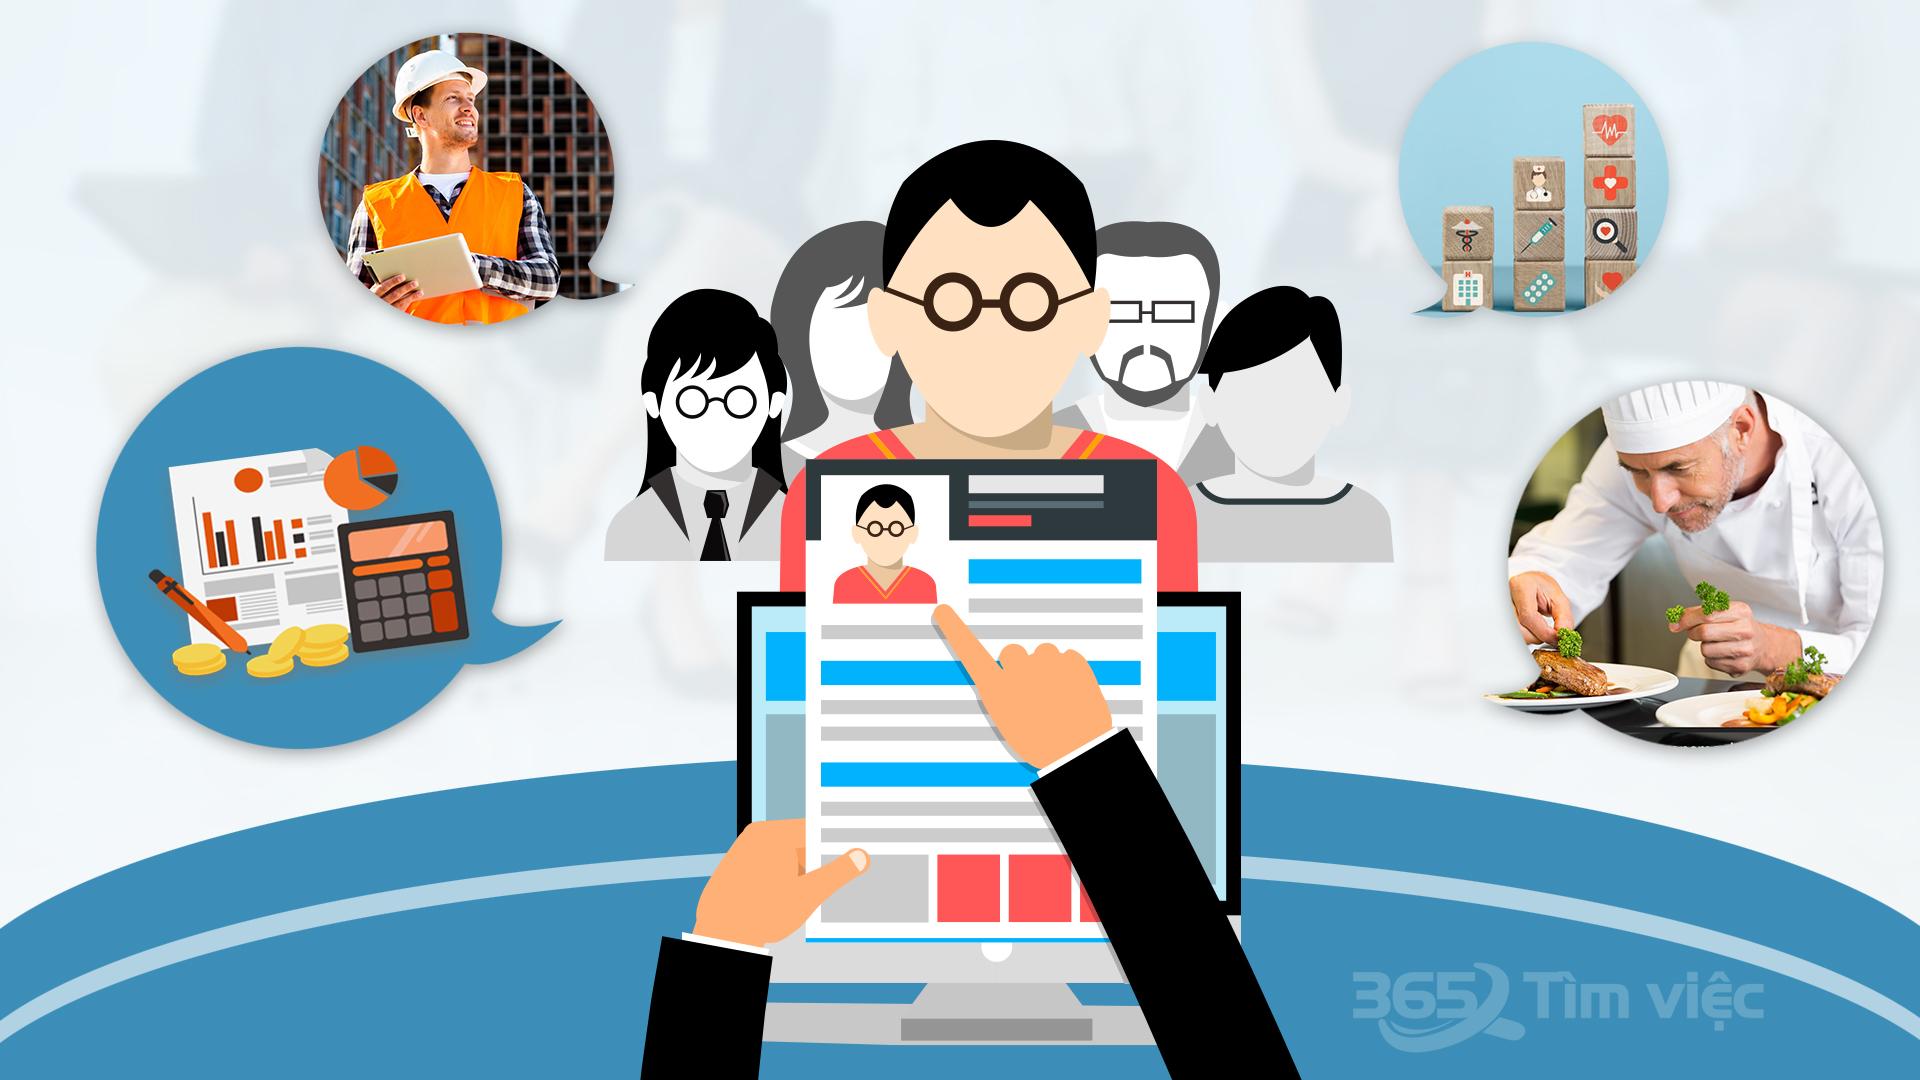 Tuyển dụng, Tìm việc làm tại Huyện Cần Giờ, Hồ Chí Minh | Timviec365.vn